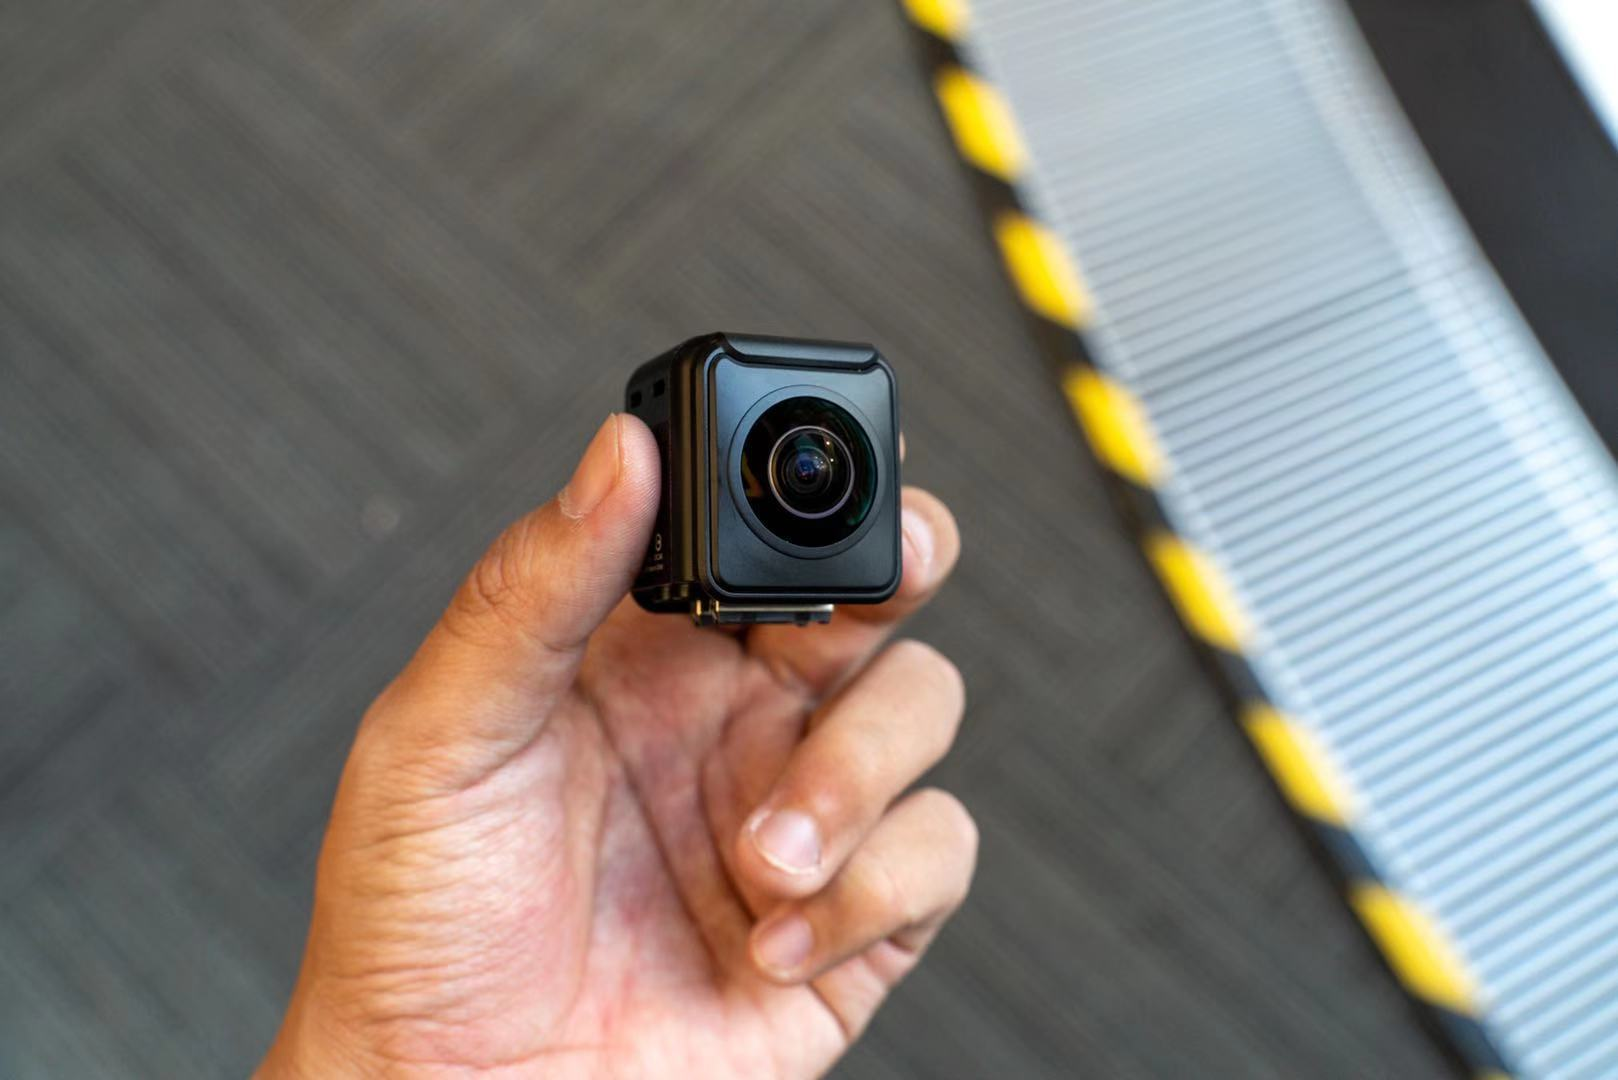 Один из топовых производителей панорамных камер Insta360 распространил информацию на предмет сотрудничества с создателем оптики Leica для создания новой экшн-камеры